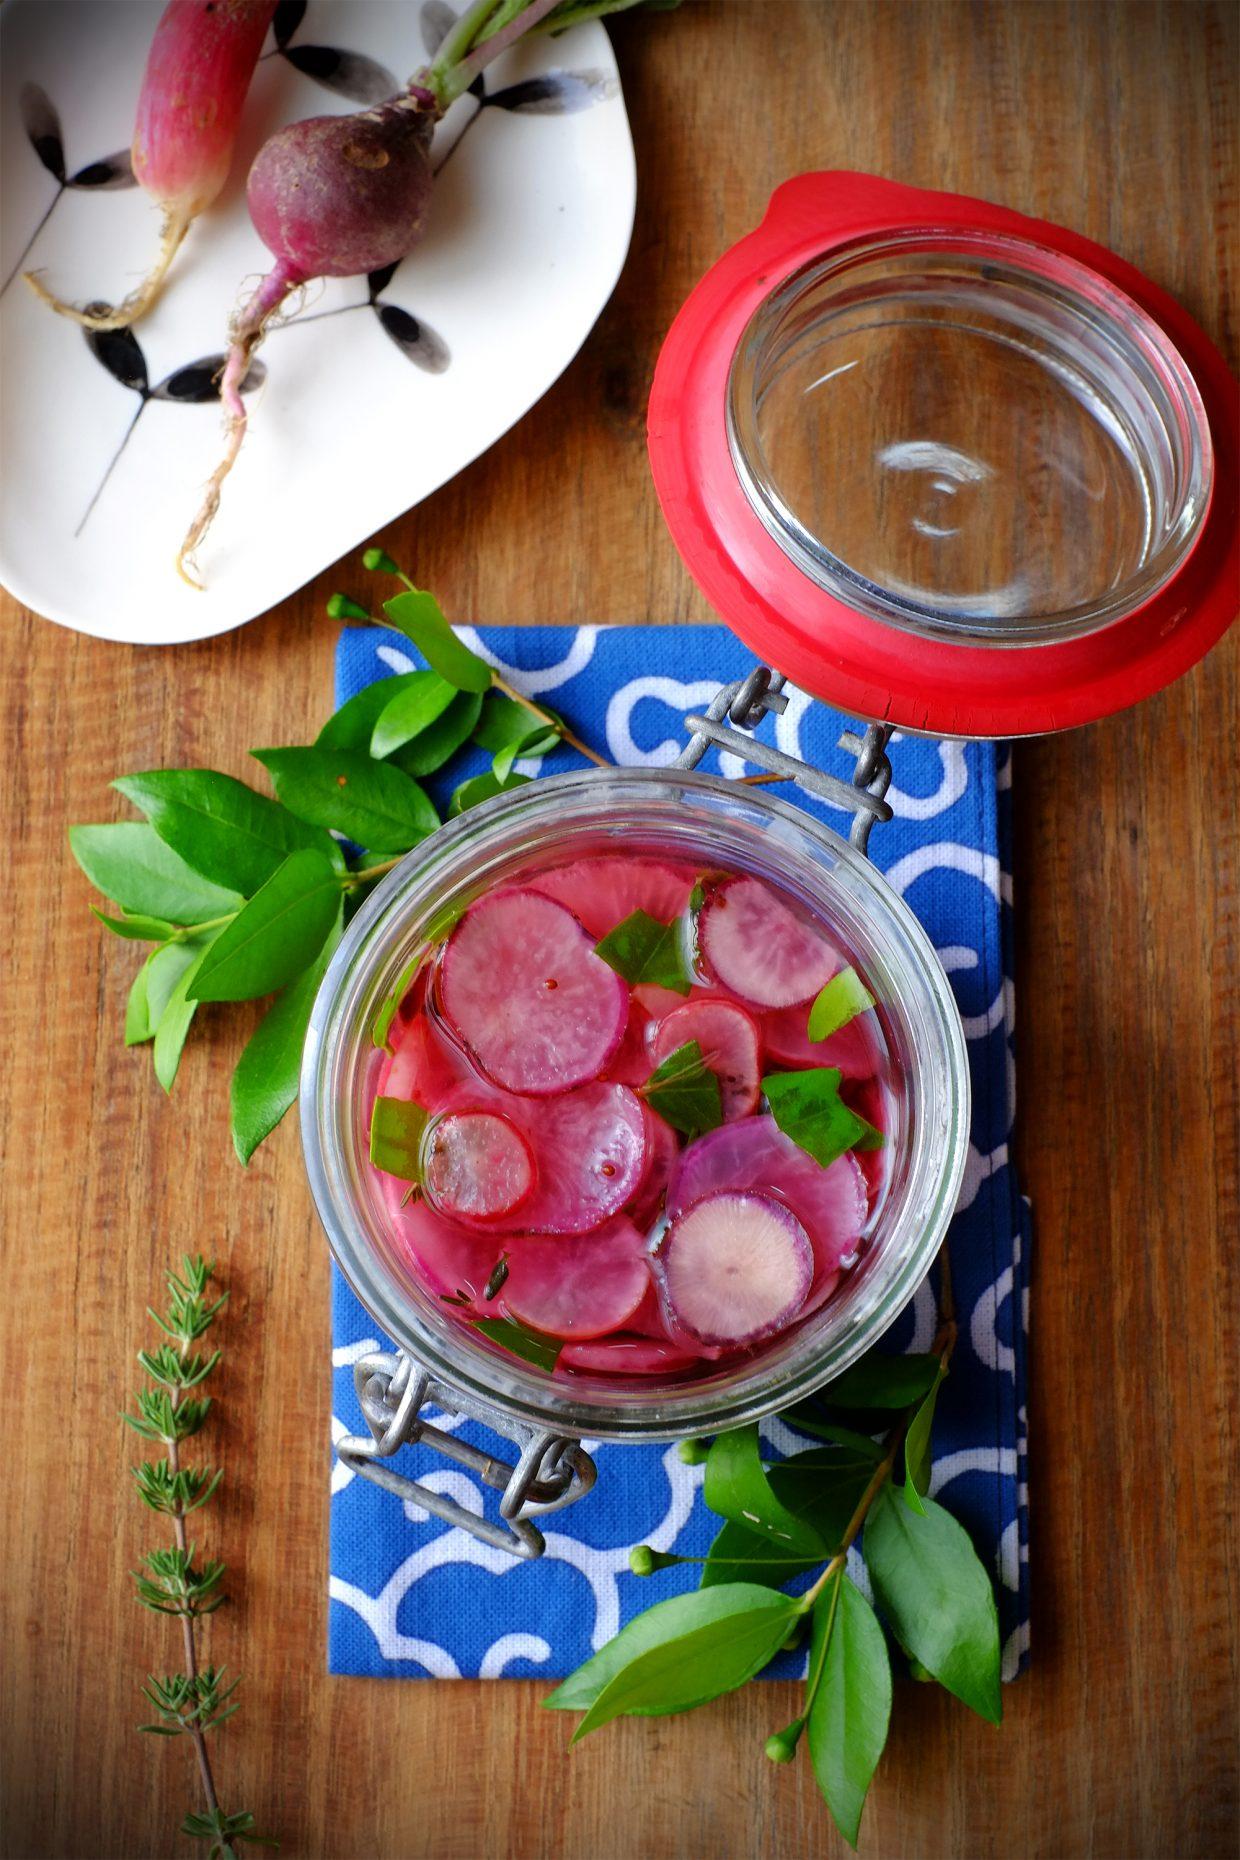 Insalatini di ravanelli con foglie di mirto e timo 33